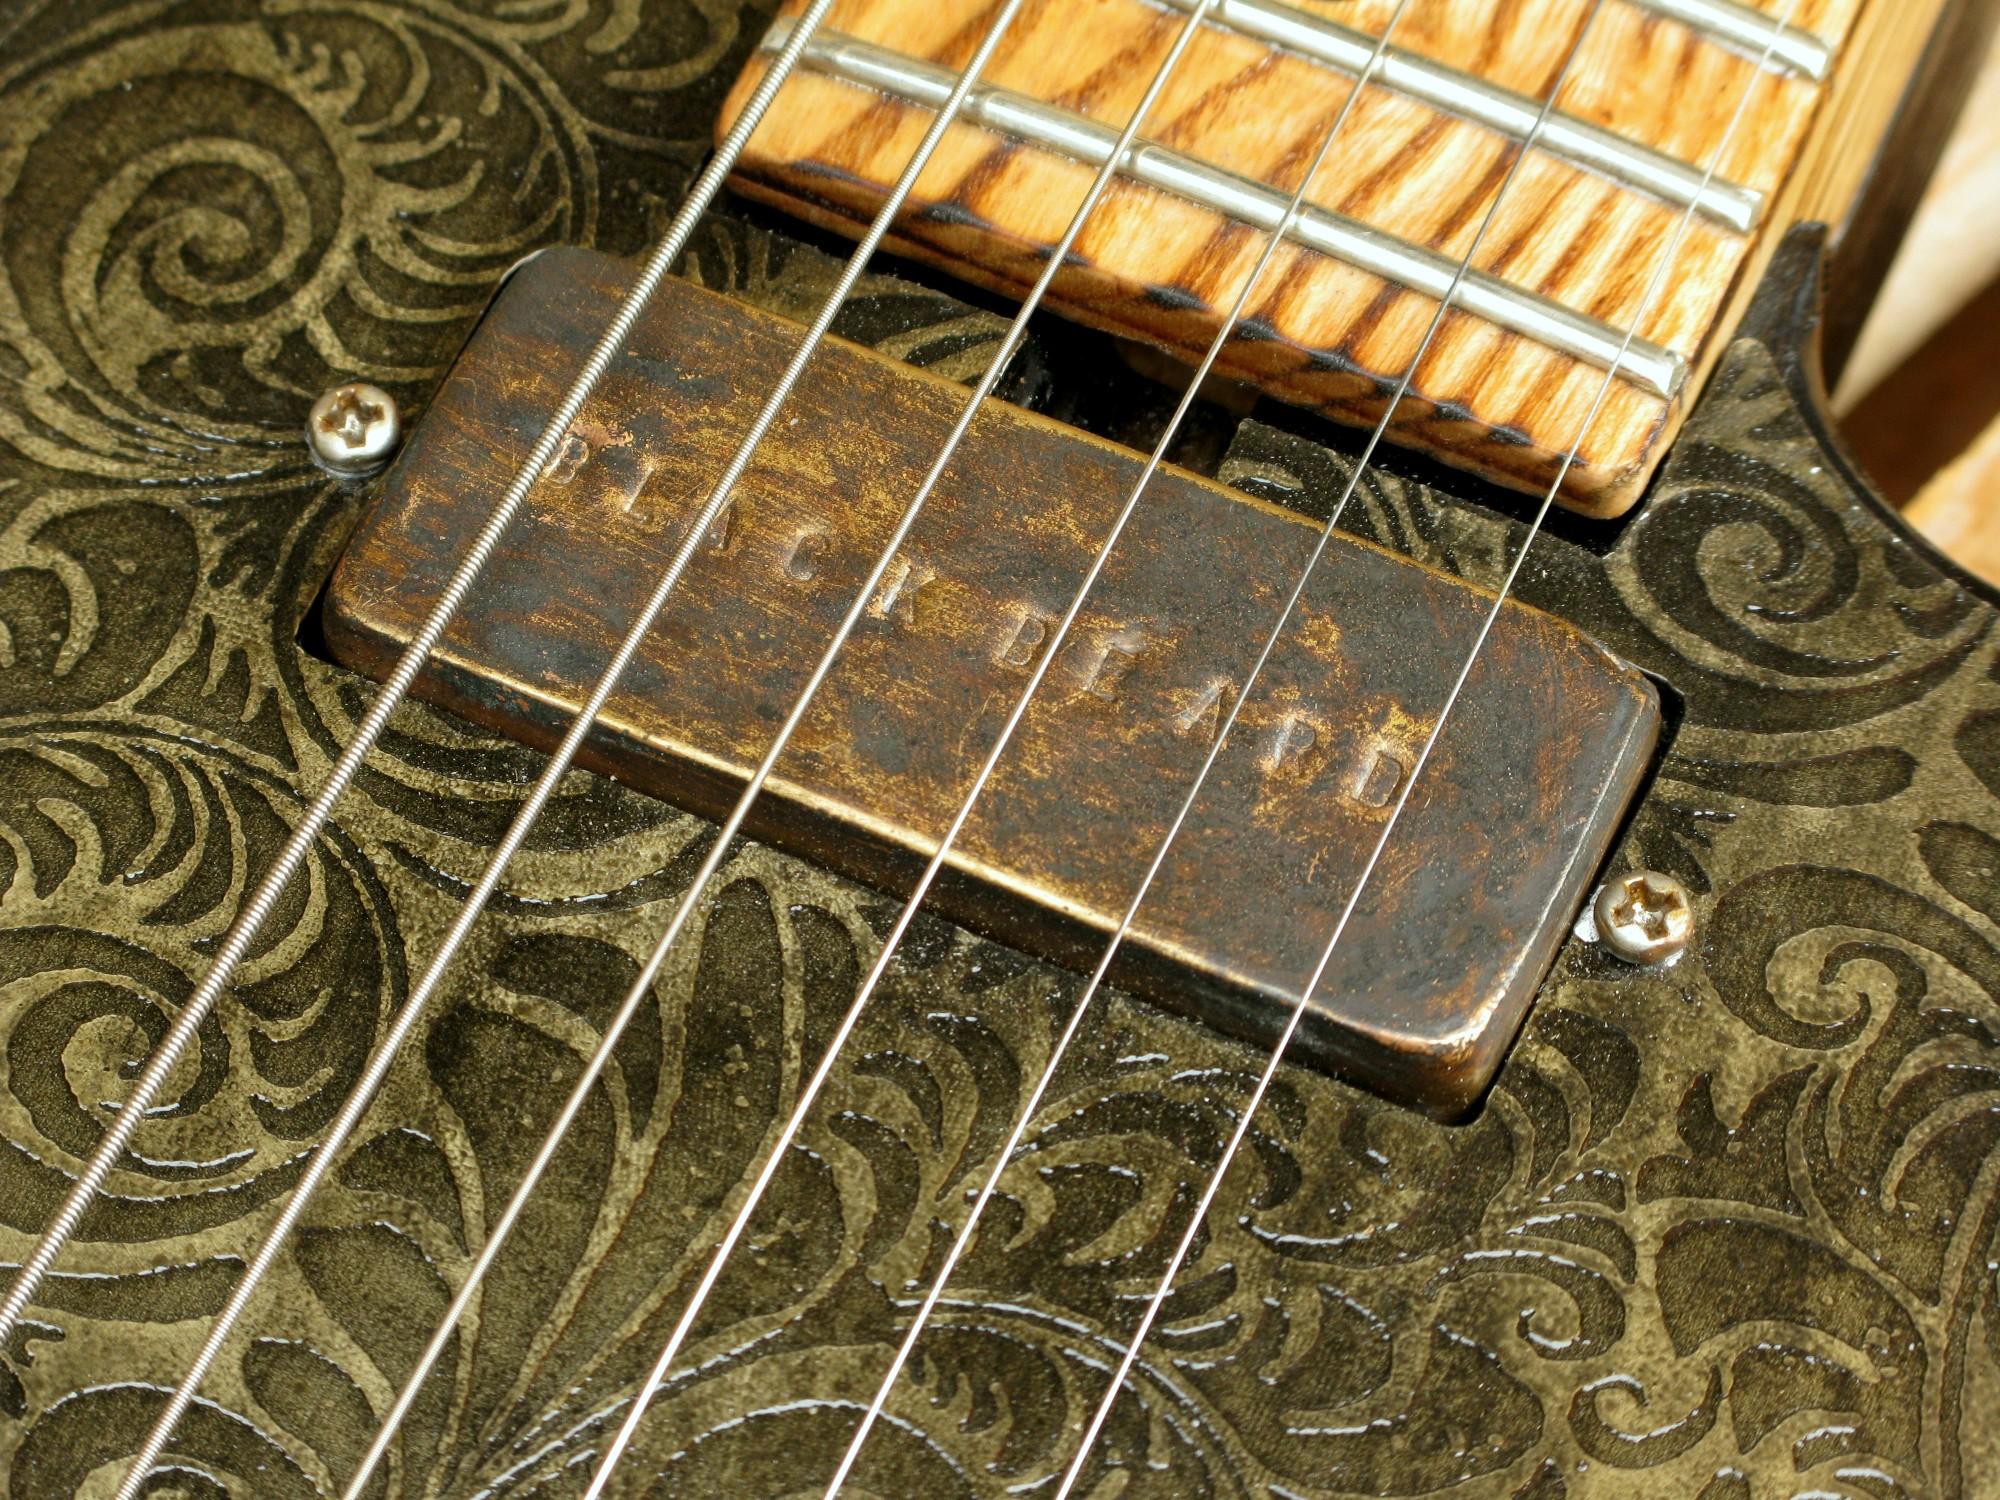 Dettaglio del pickup al manico di una Telecaster in yellow pine, battipenna inciso e manico in frassino